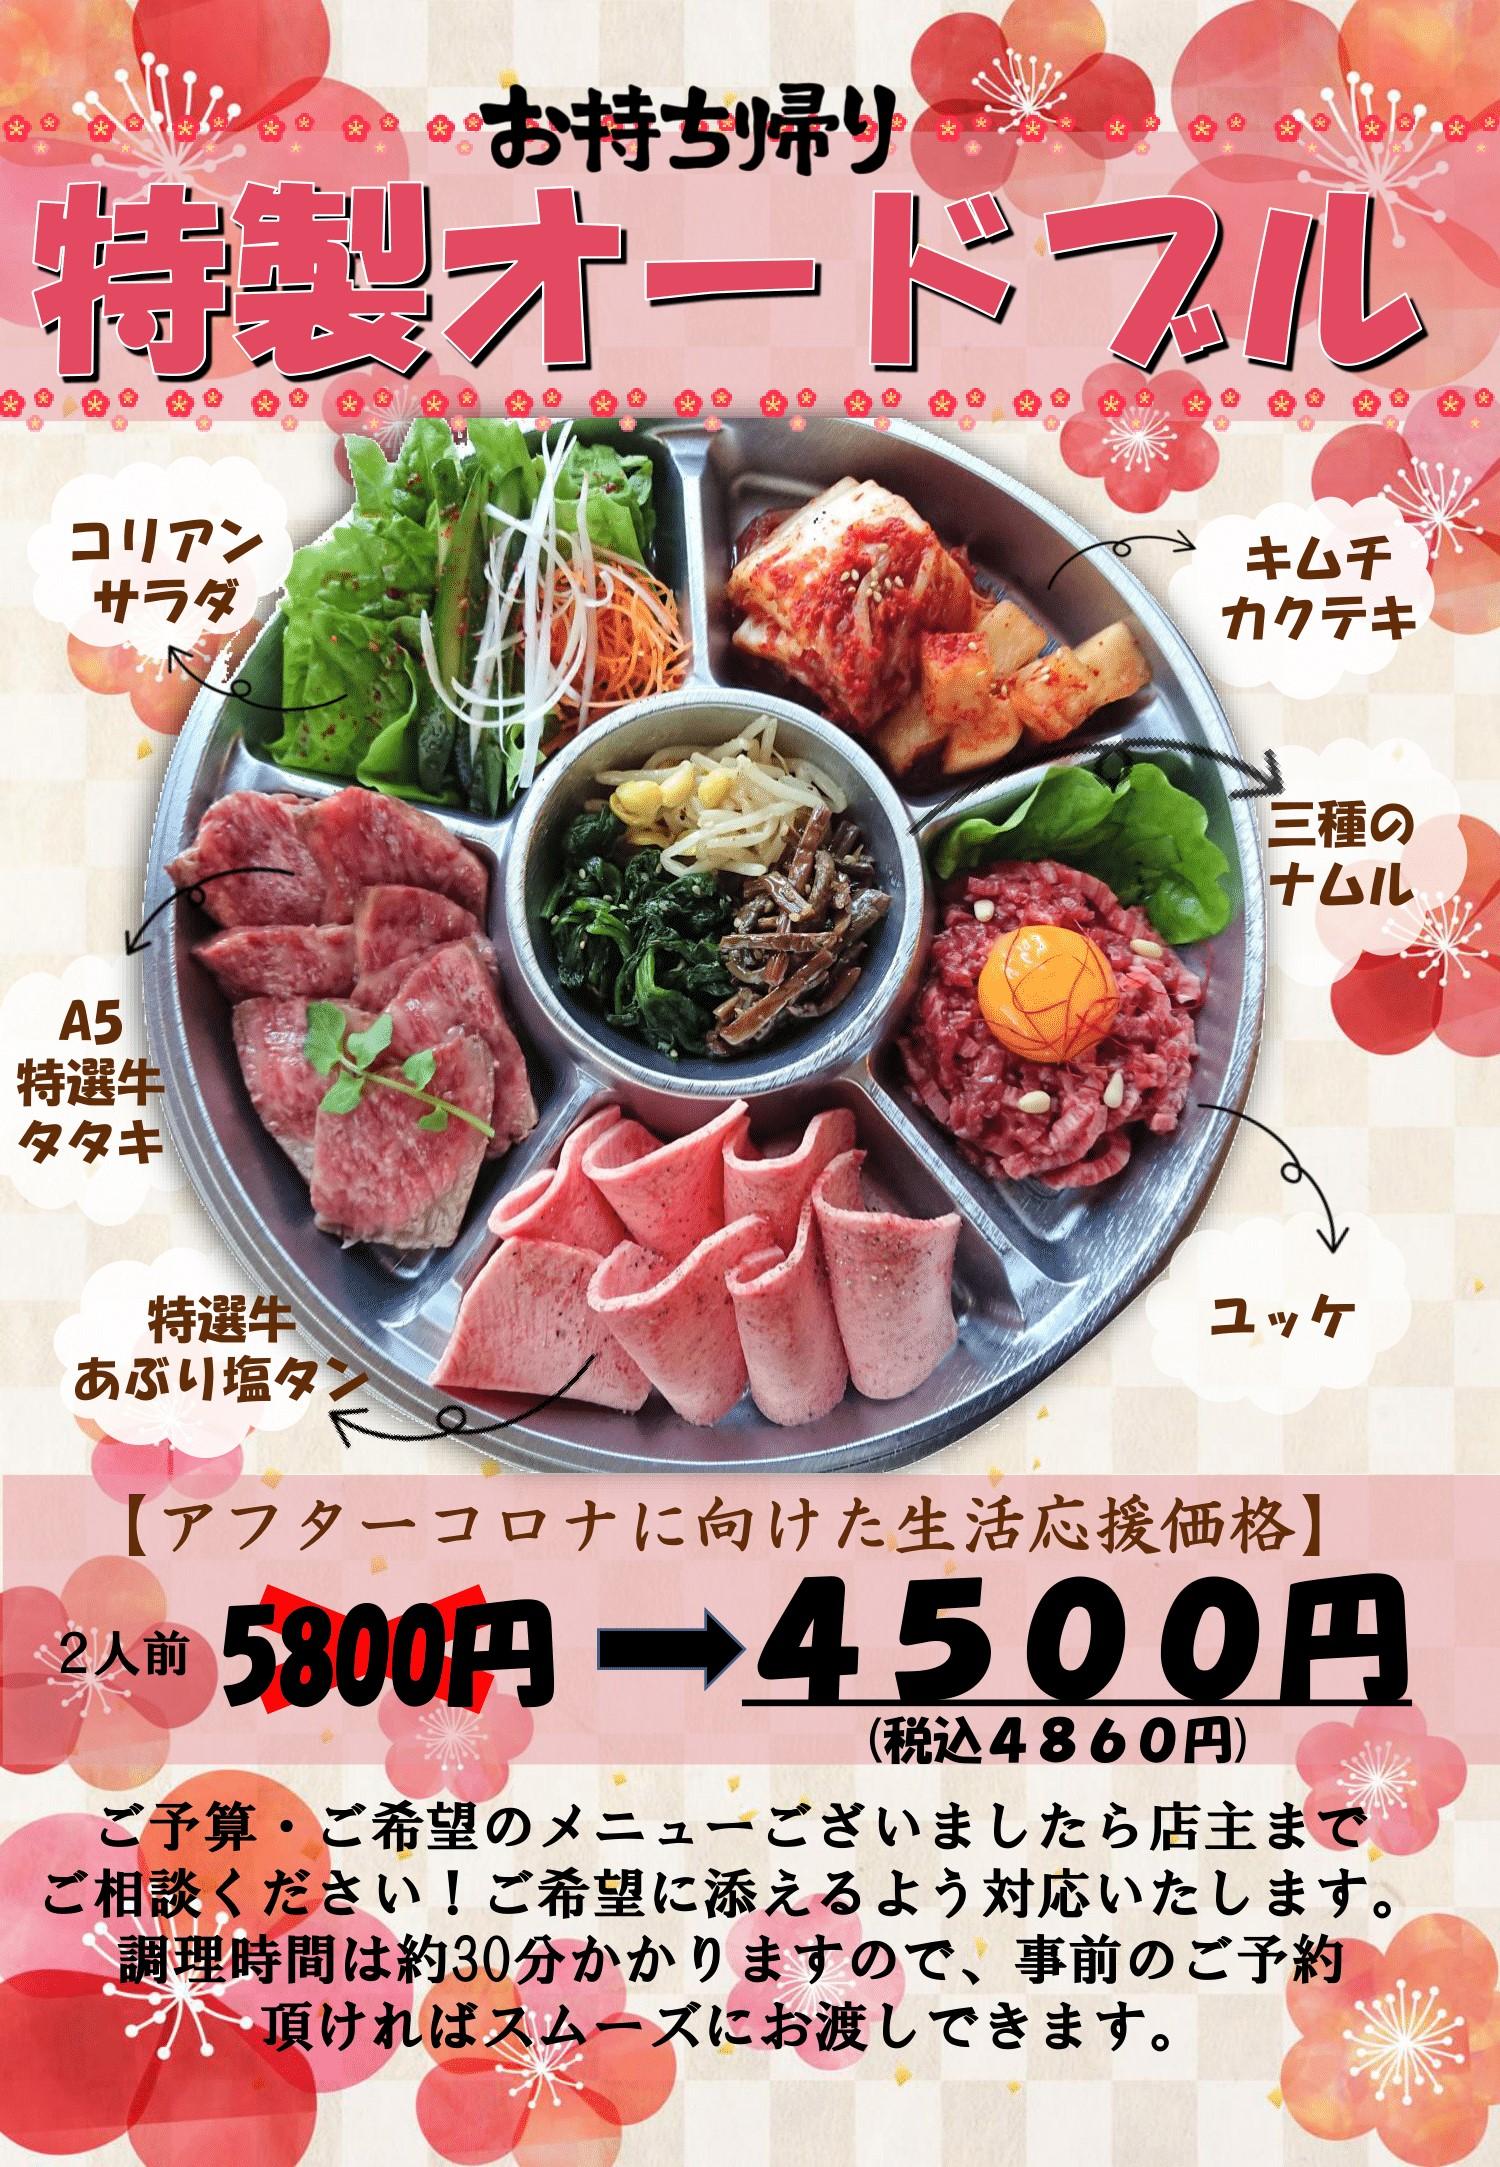 オードブル4500円PDF-1